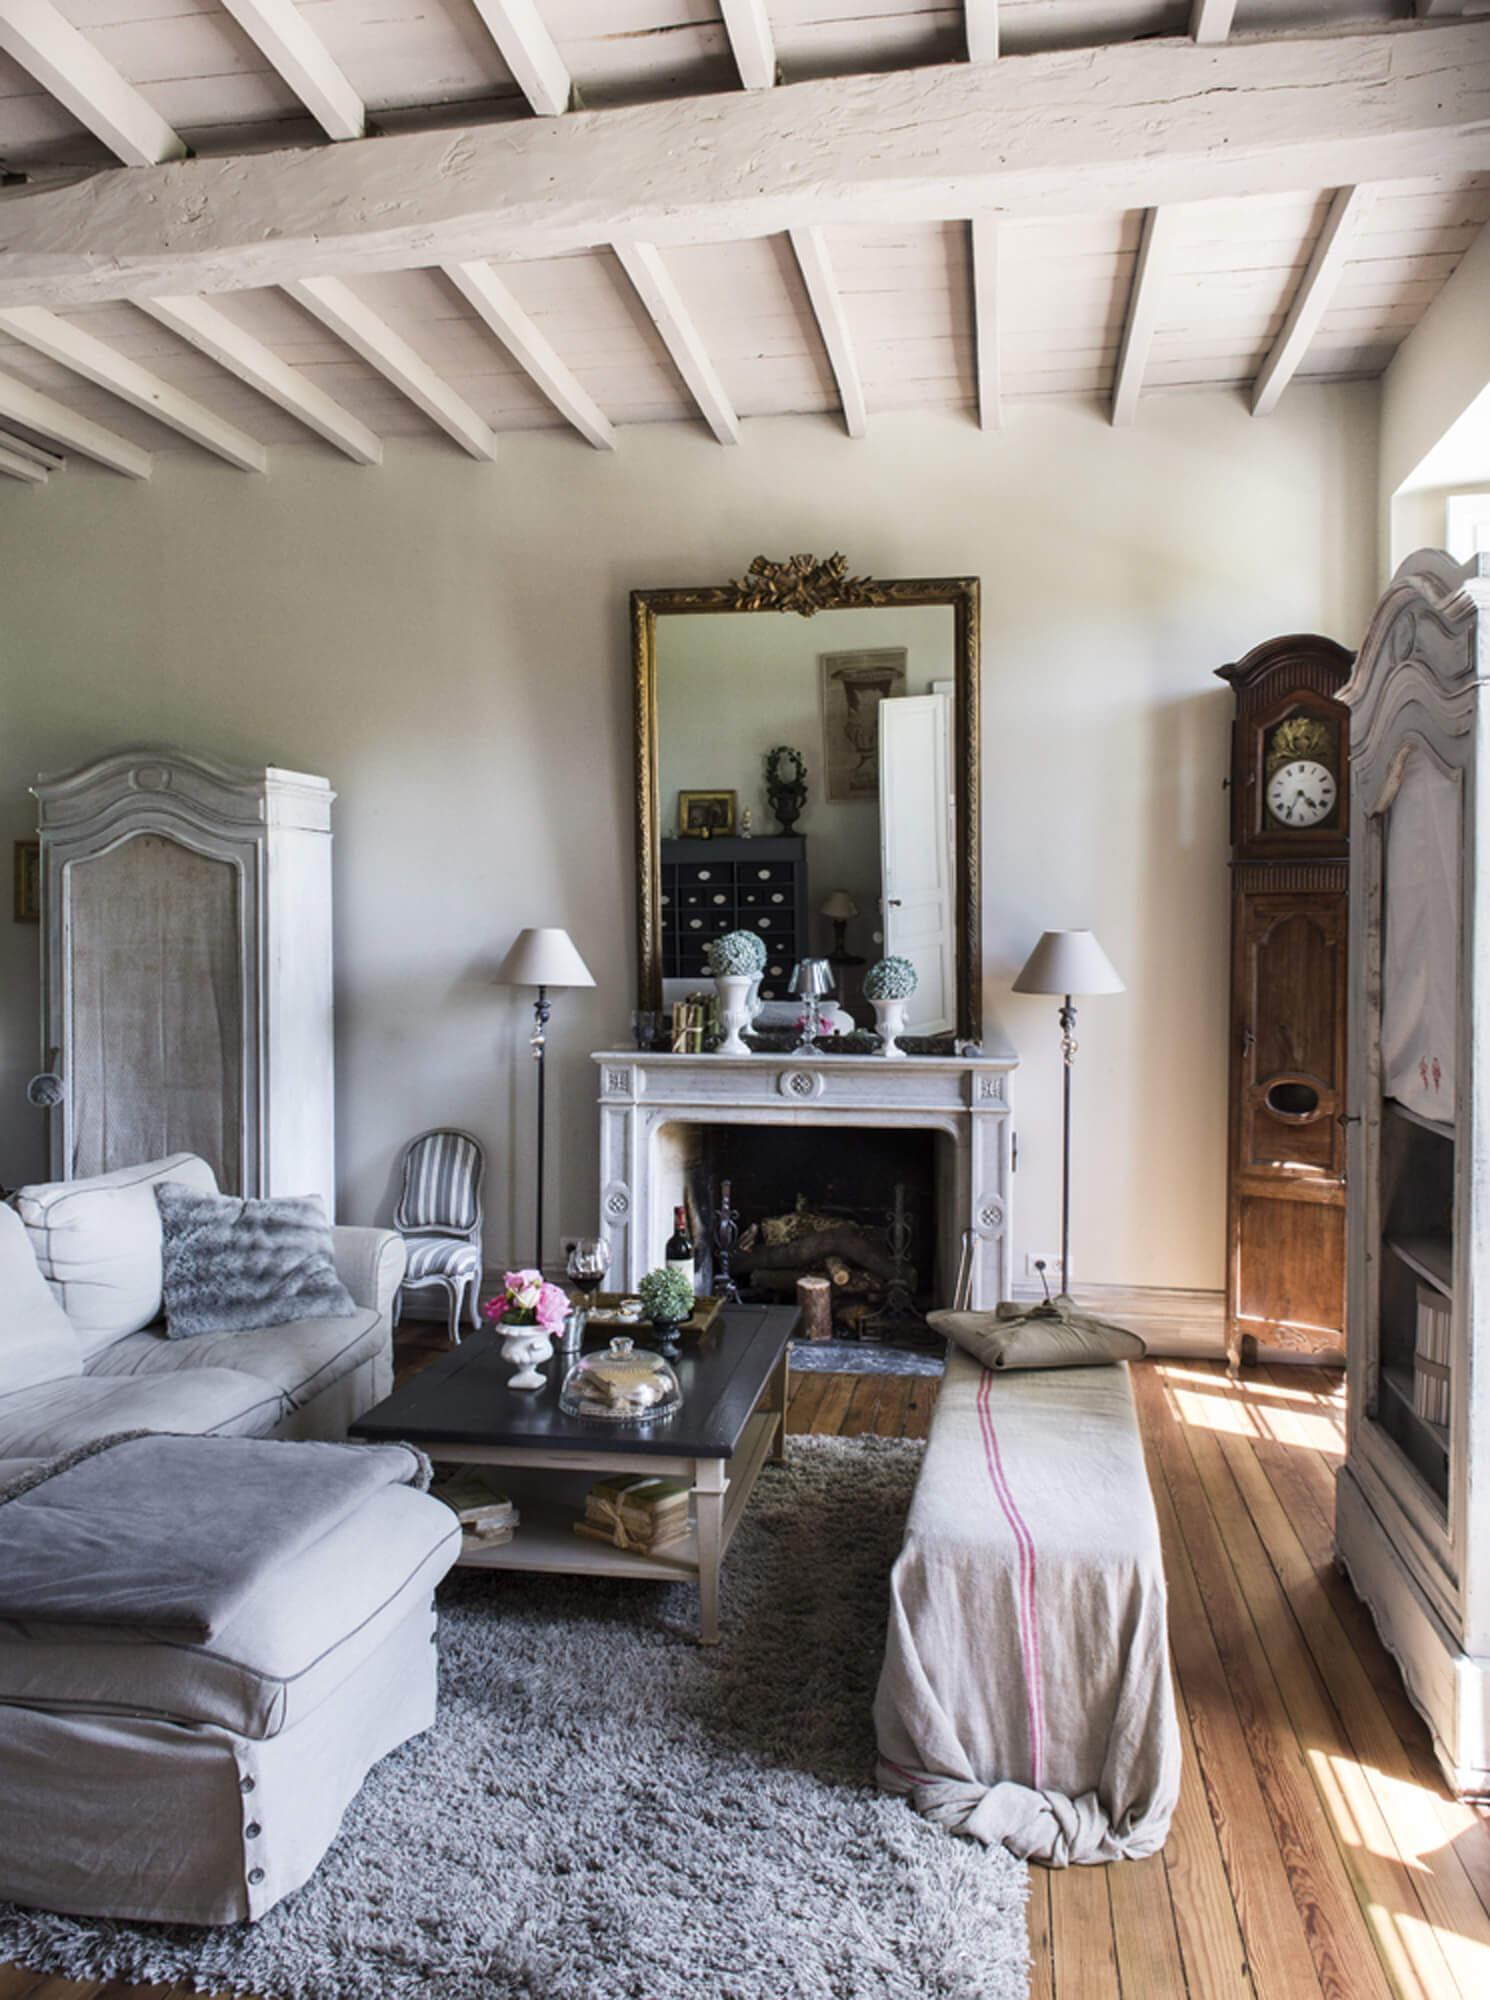 Salon avec canapé, table basse, cheminée traditionnelle et ancienne horloge dans la maison d'hôtes Le Clos Marcamps en Aquitaine